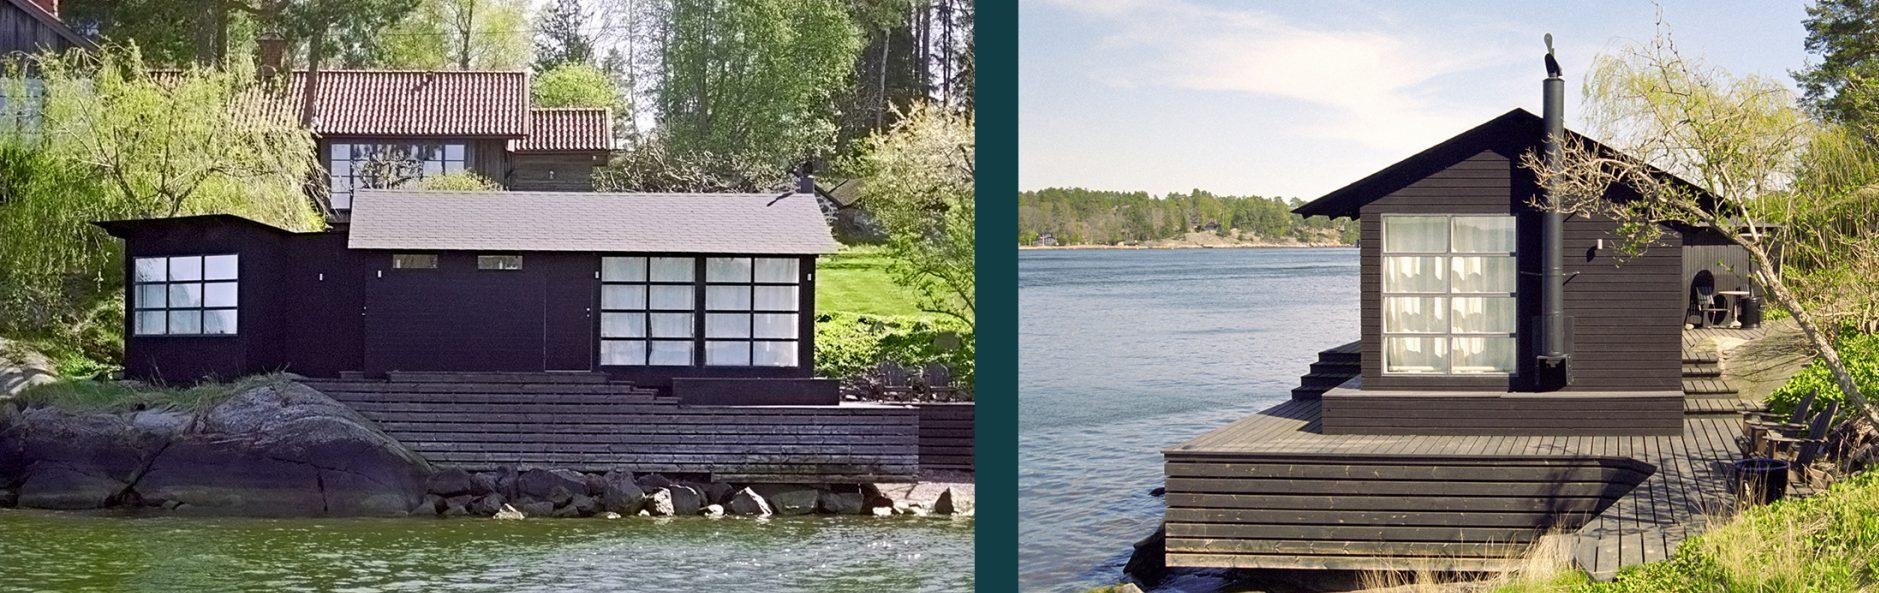 Läcker sjöbodi svart trä somritades av Rex arkitektbyrå åt en privatperson.